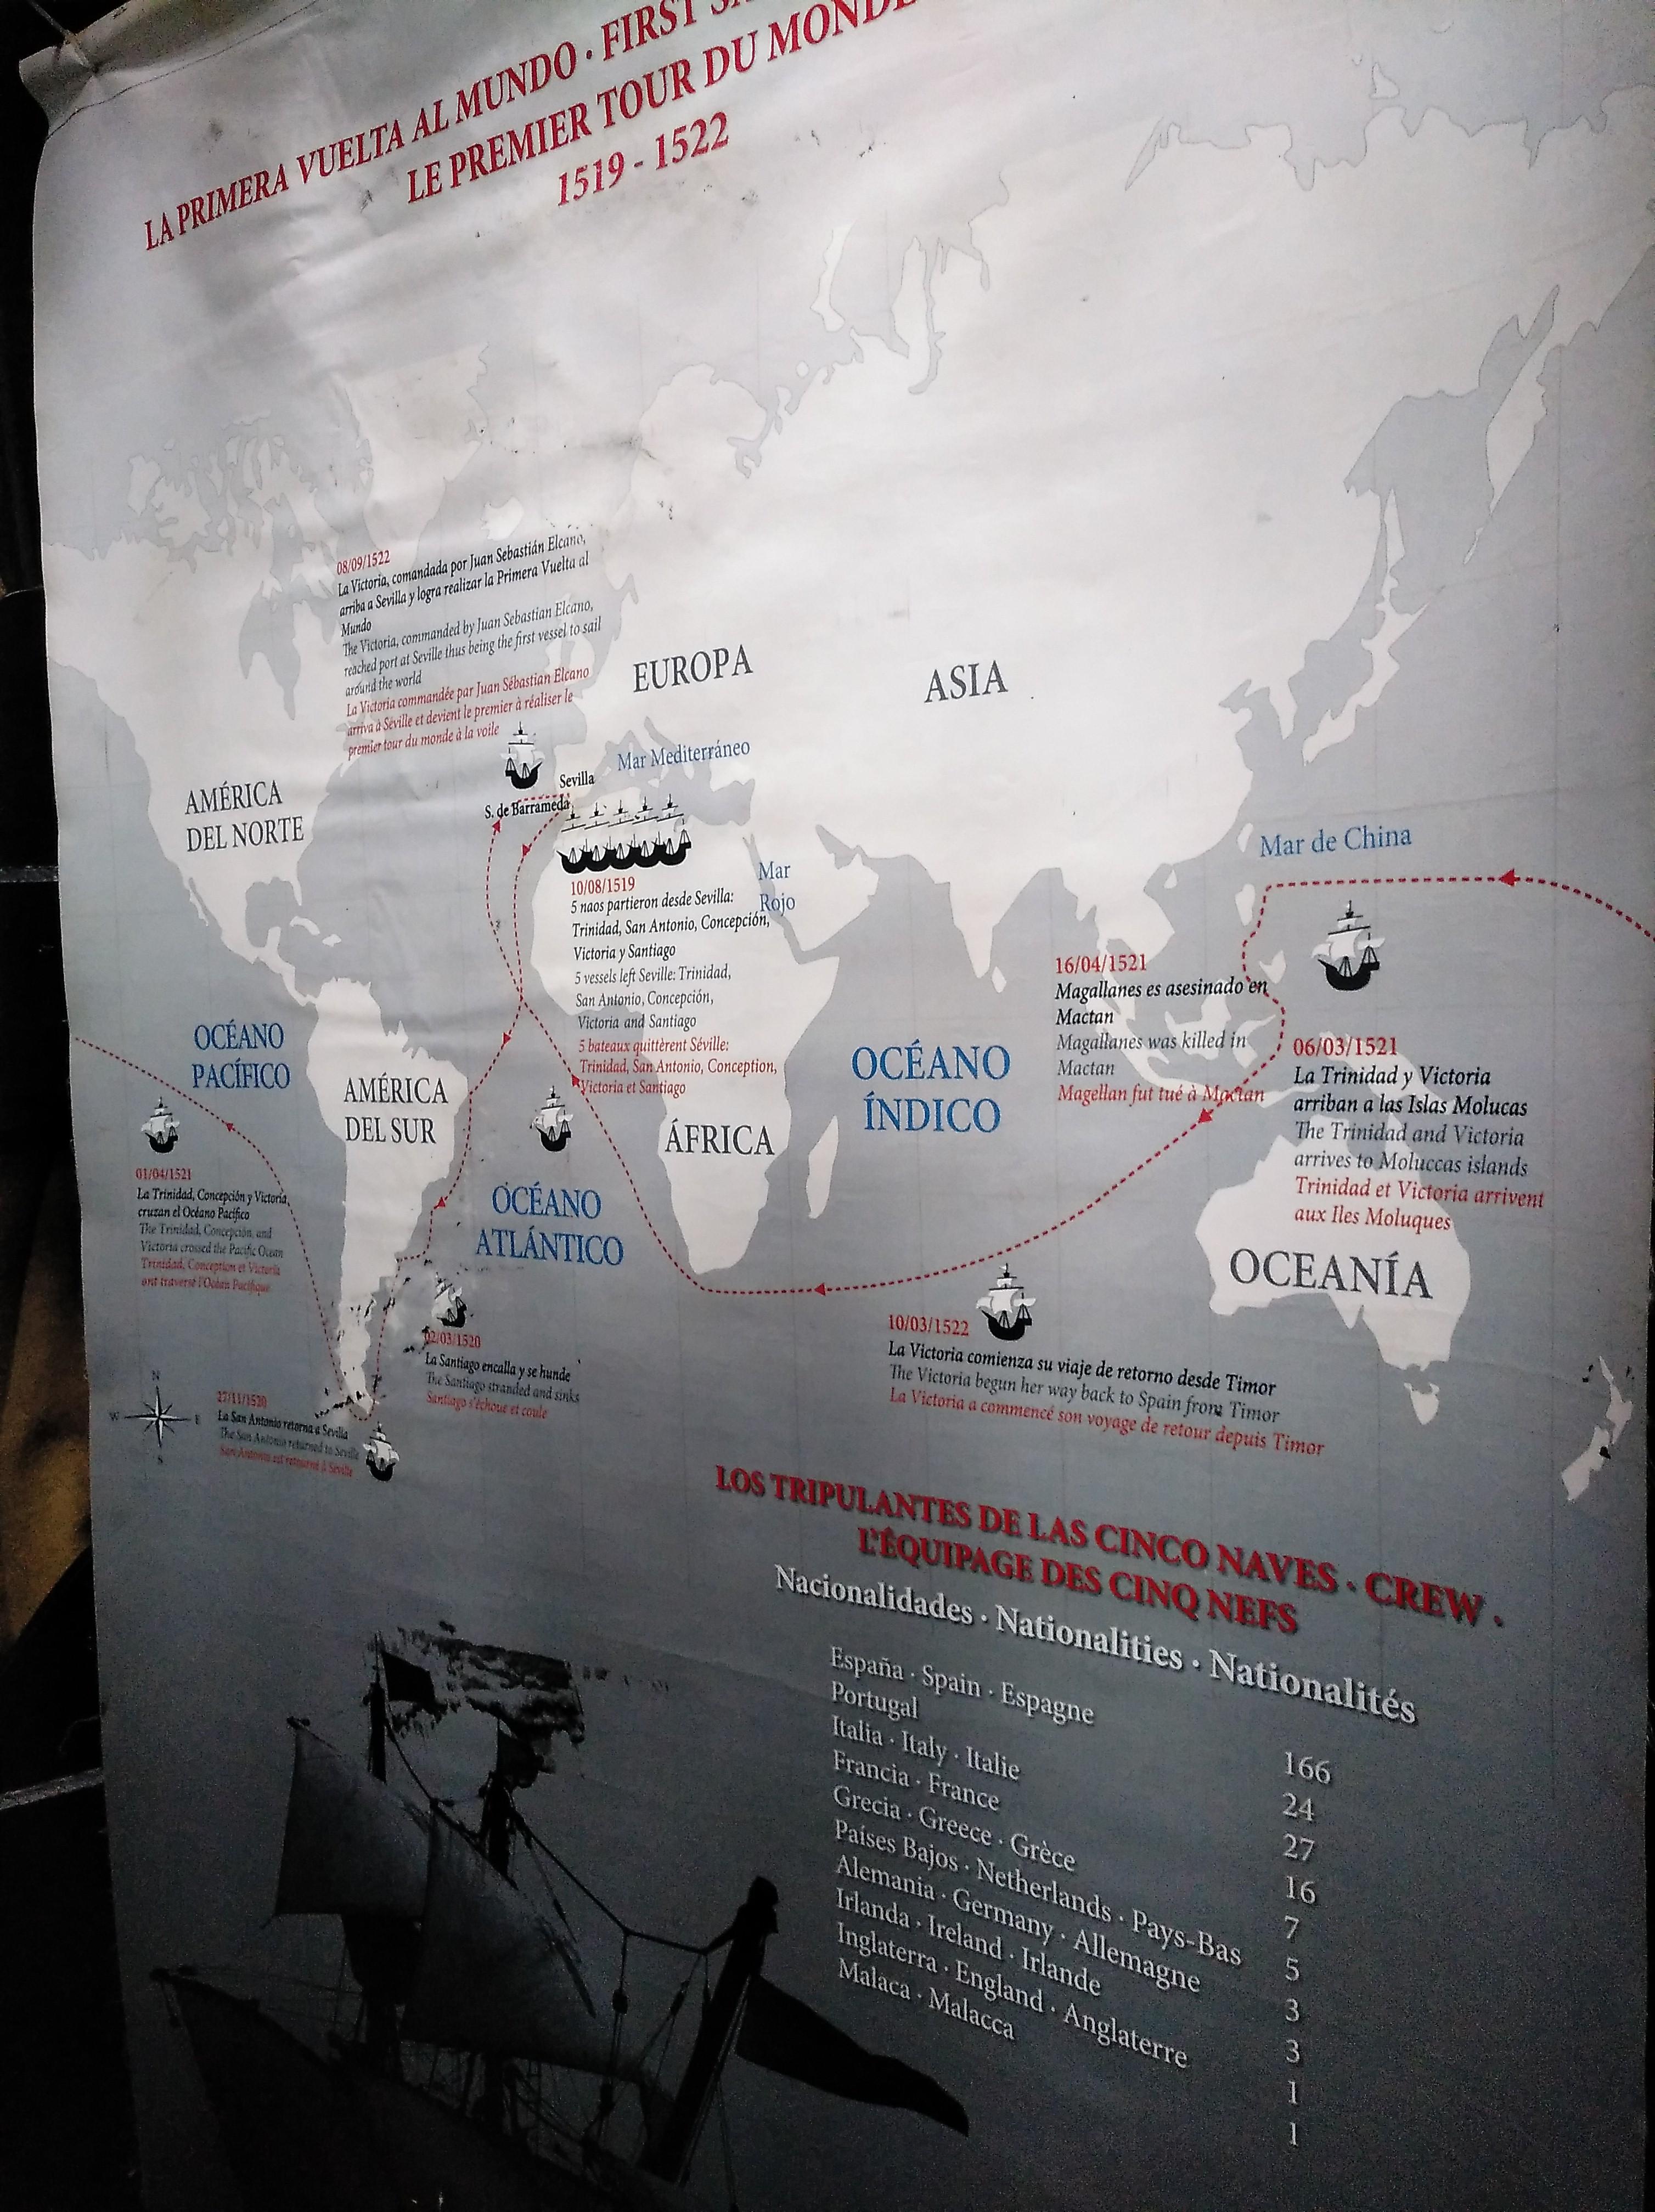 ¿Donde vamos? Pues a subirnos a bordo de la Replica de la Nao Victoria en familia, que durante este fin de semana del 21 al 22 de Septiembre de 2019, podemos visitar en el Muelle de Bonanza, junto a otras actividades de este evento del V Centenario de la 1º Vuelta al Mundo.